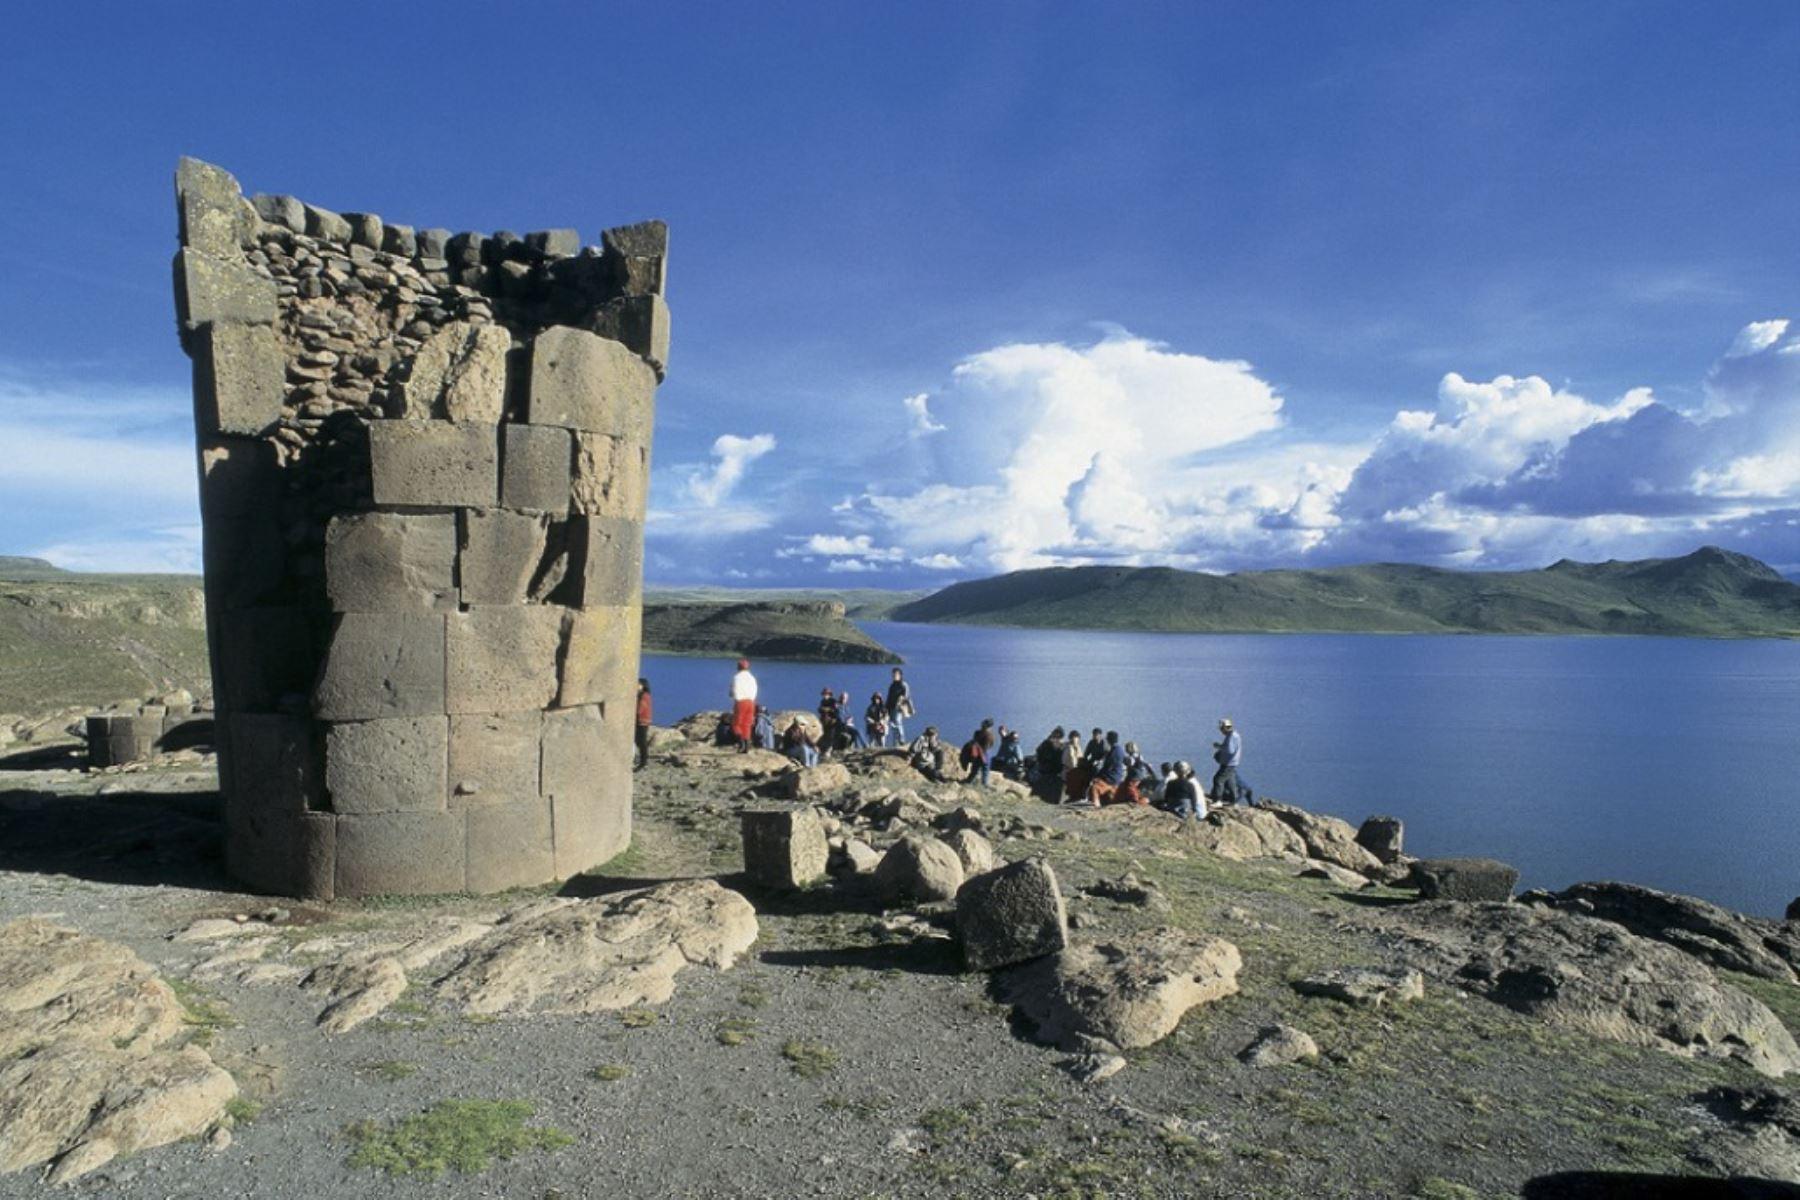 Complejo arqueológico de Sillustani, patrimonio cultural emblemático de la región Puno. ANDINA/archivo